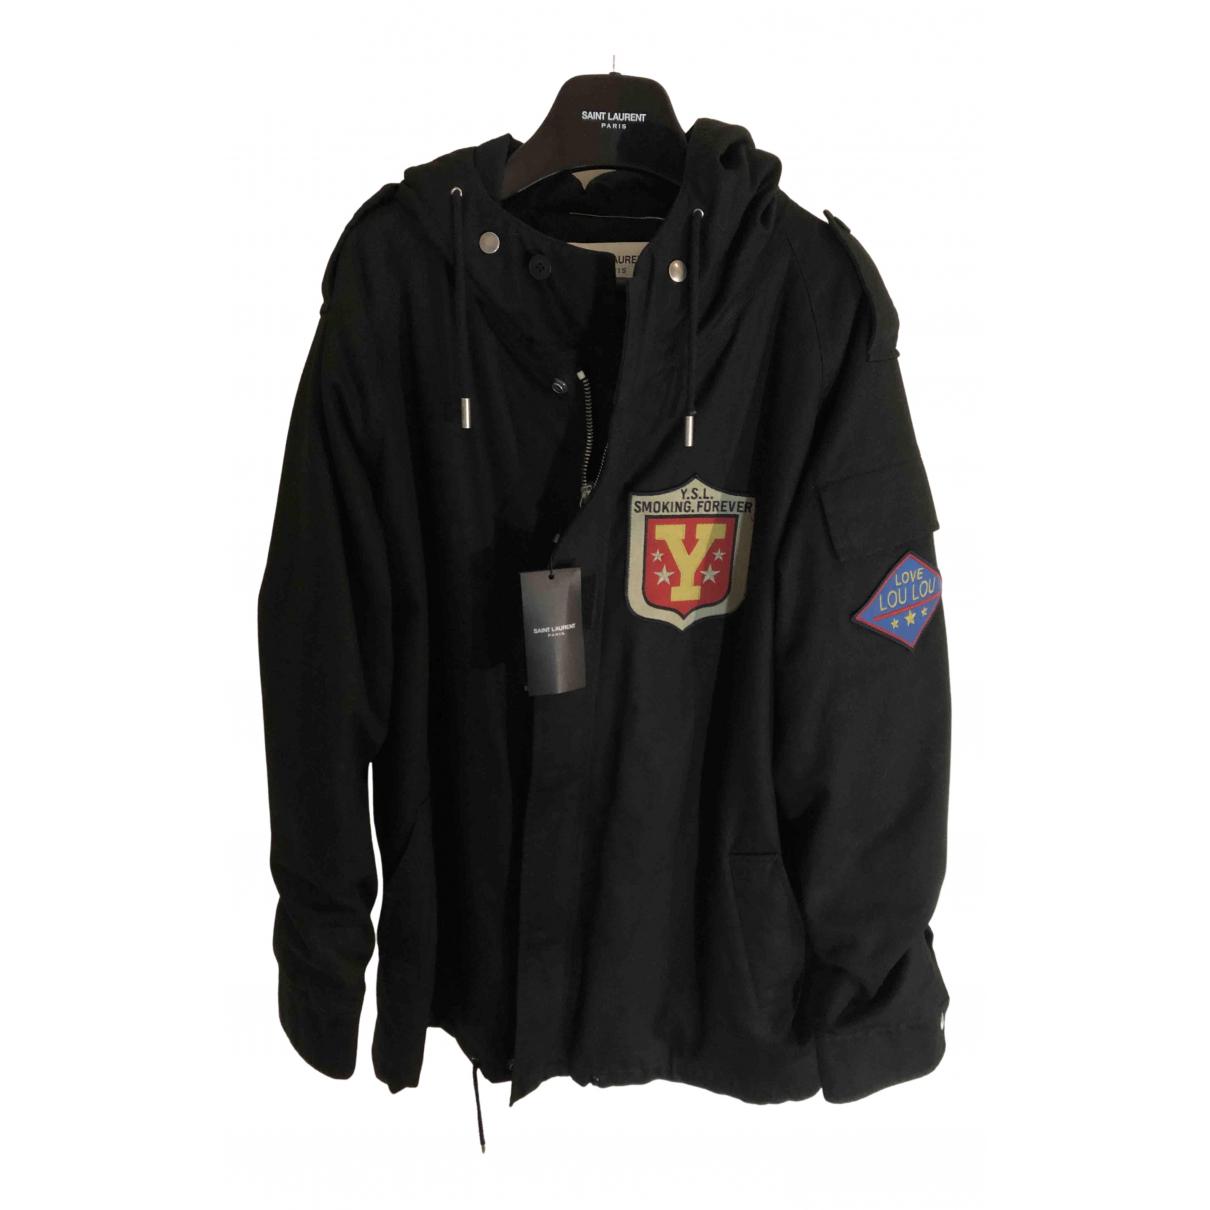 Saint Laurent - Manteau   pour homme en coton - noir